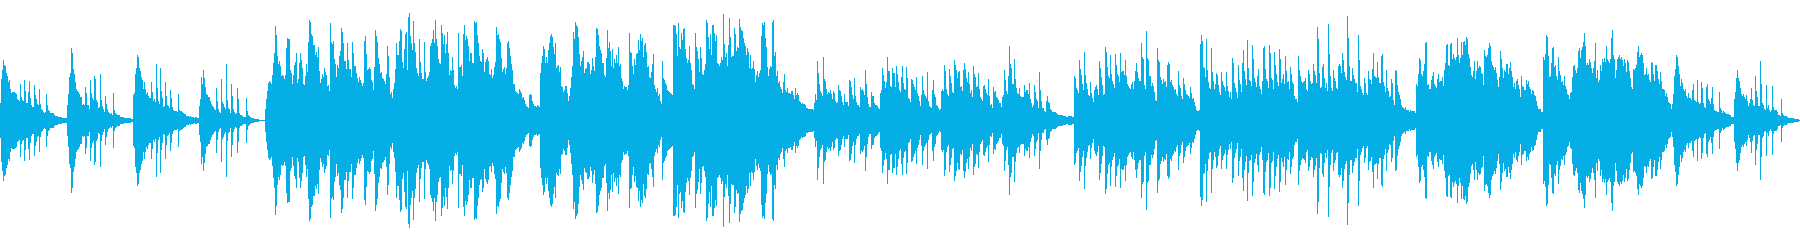 ピアノと二胡による赤とんぼの再生済みの波形